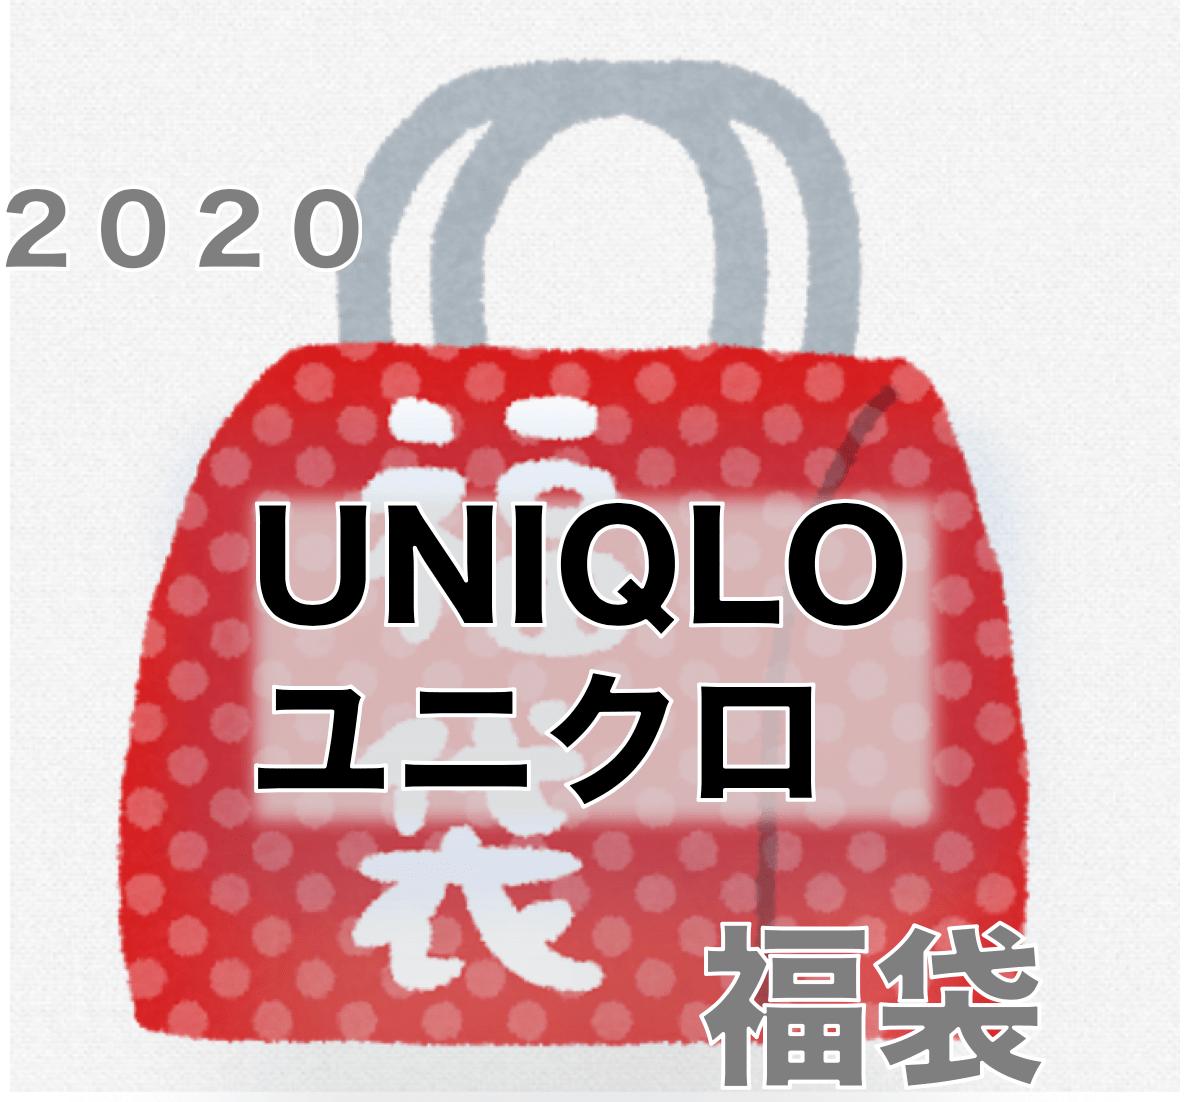 ユニクロ福袋2020中身・予約・値段・発売日の情報